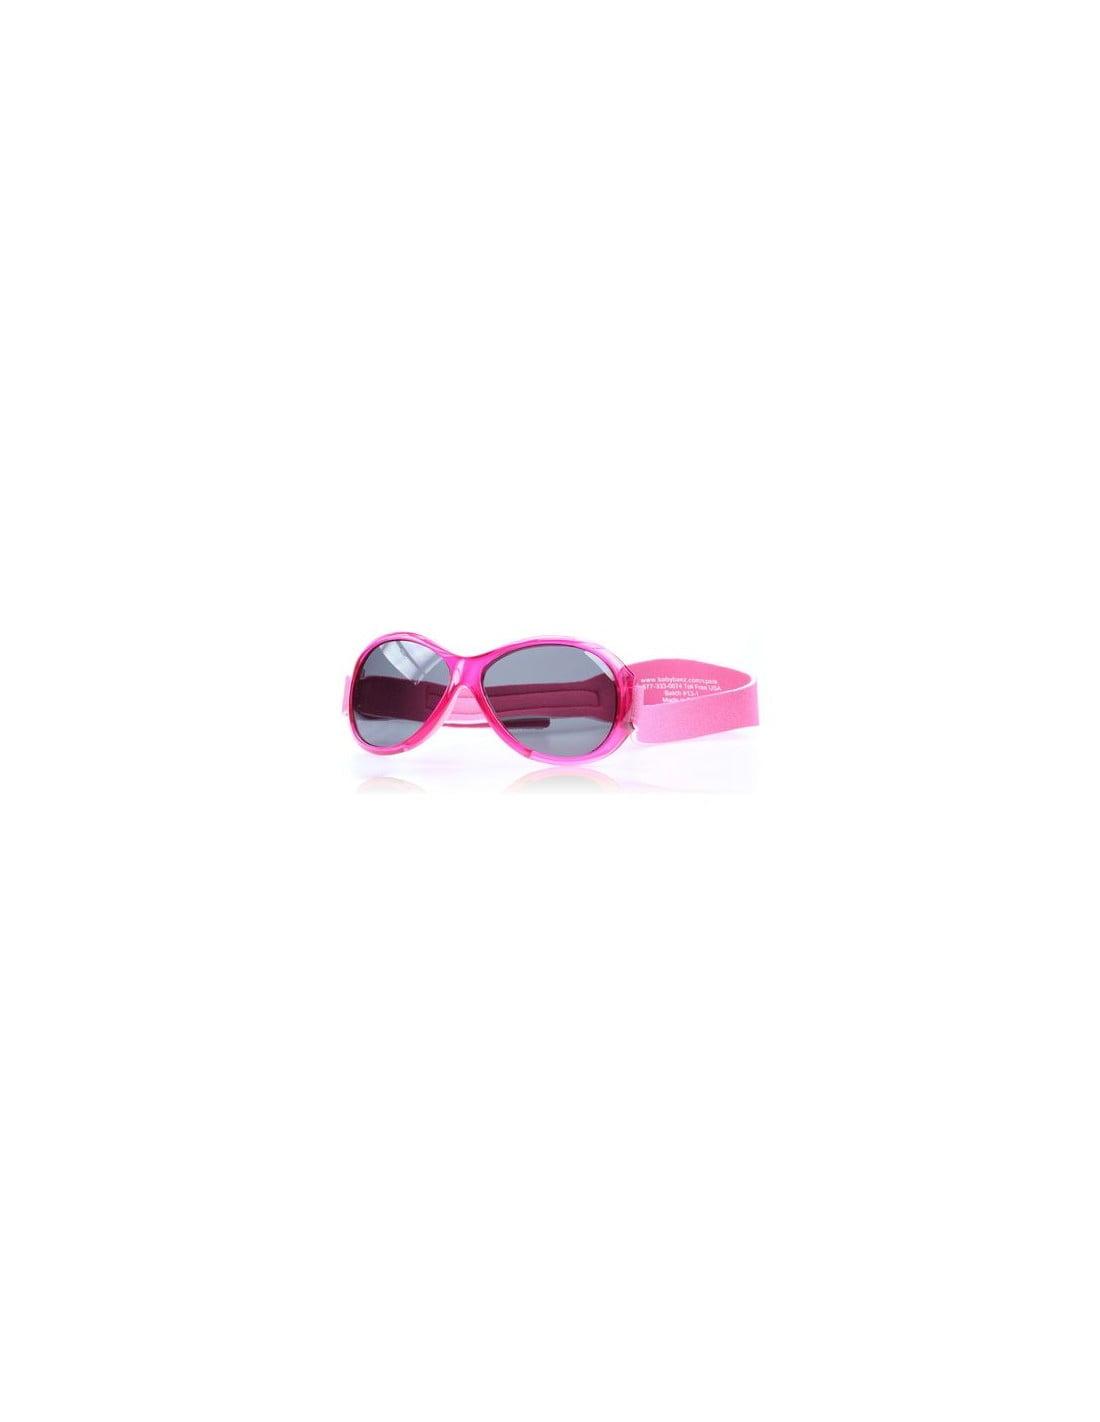 Ochelari de soare 2-5 ani Retro Oval Pink Banz